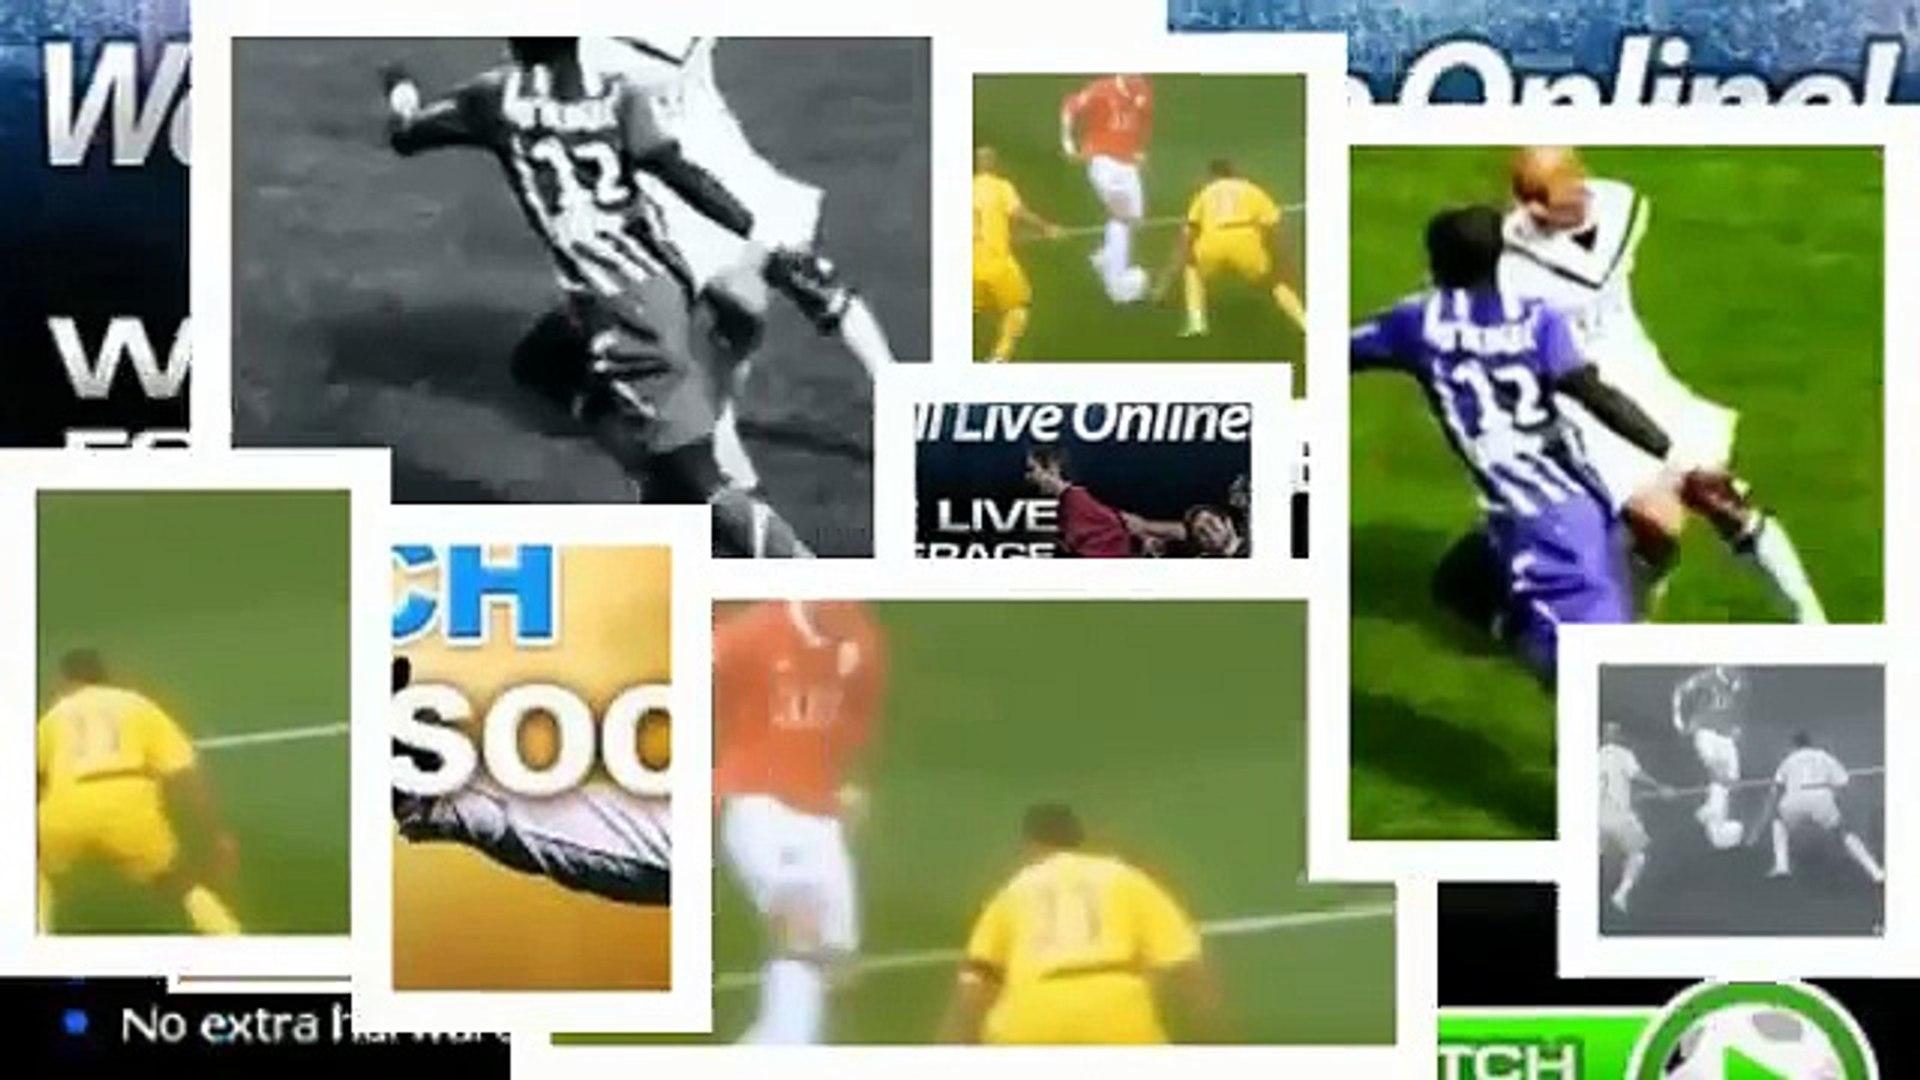 Highlights - Mattersburg v FK Senica - all goals & highlights [friendly] 2015 - highlights